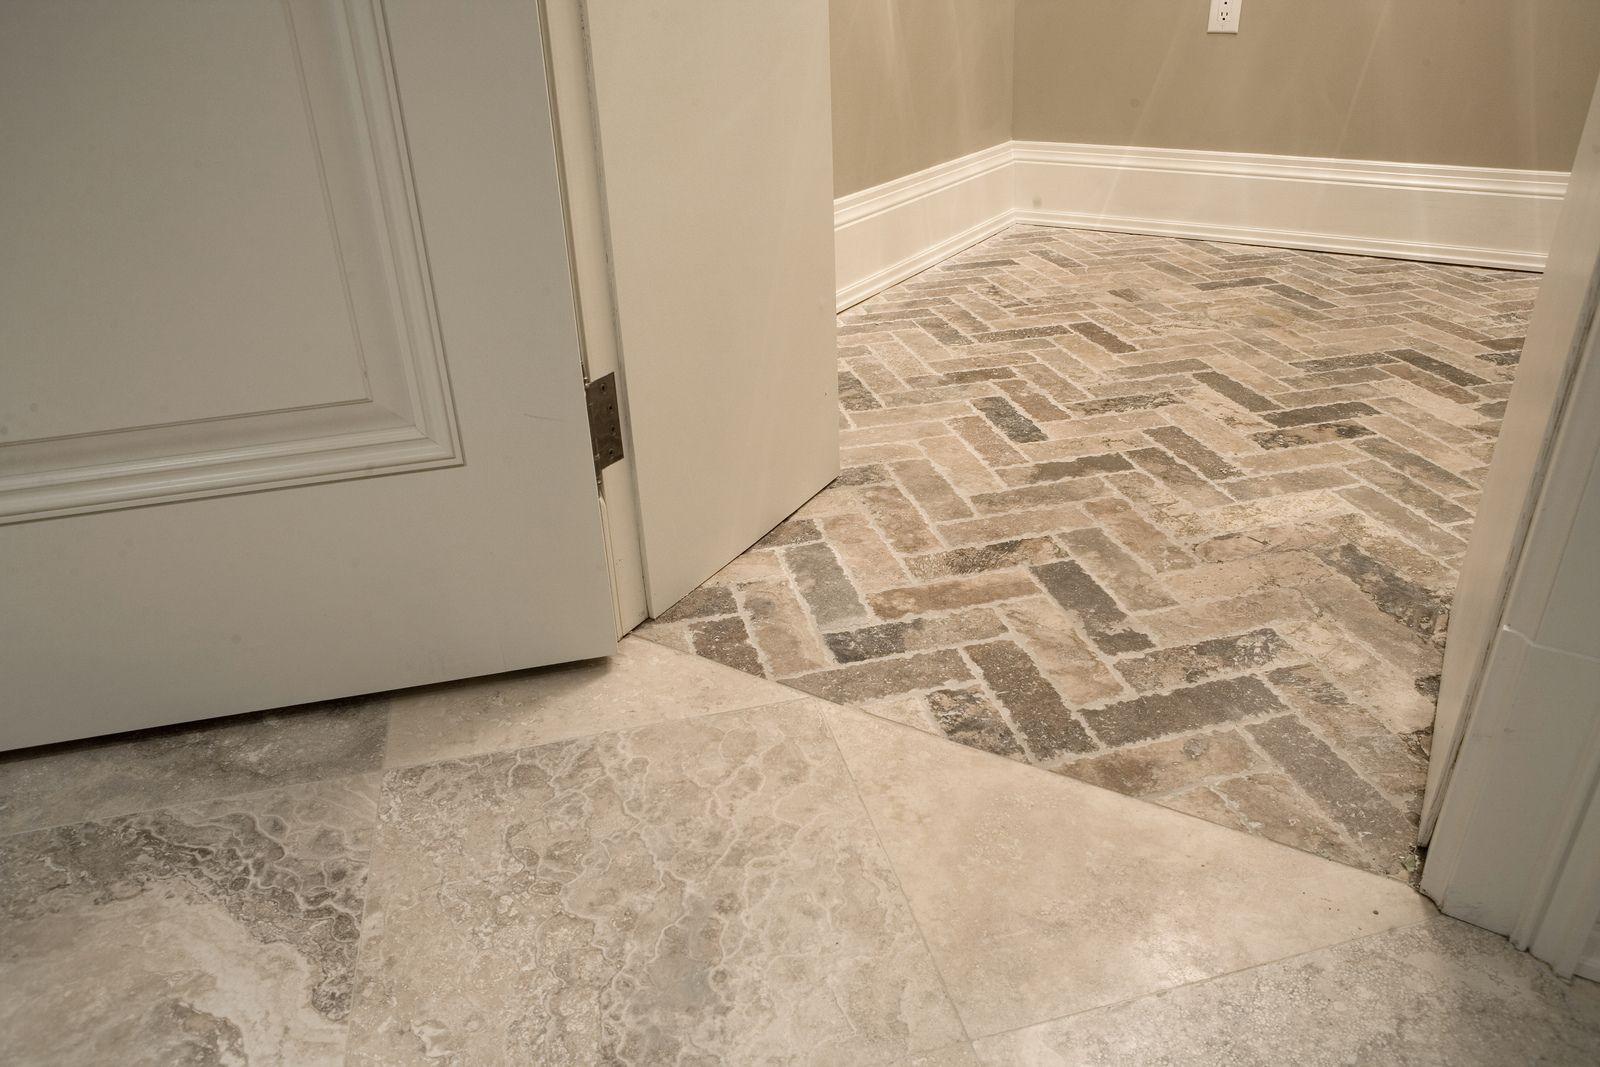 Herringbone pattern travertine floor Travertine floors